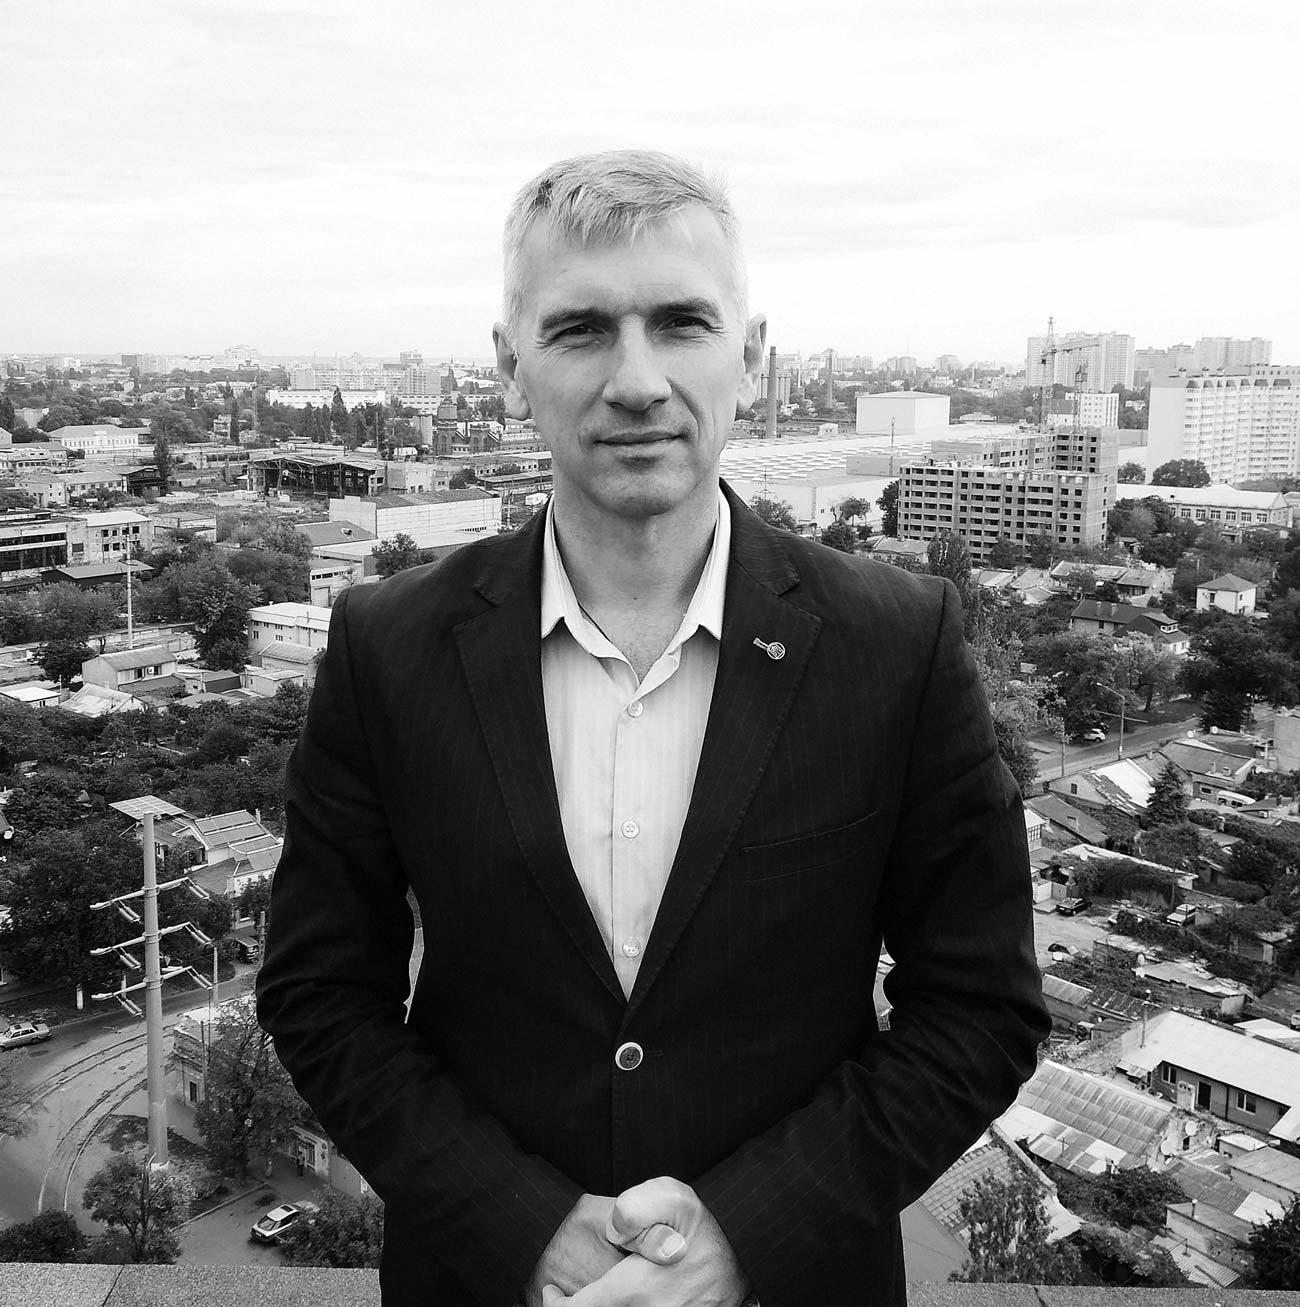 oleg mychailyk - <b>75 метров беззакония.</b> В Одессе строят жилой комплекс, который угрожает полетам и госбезопасности - Заборона